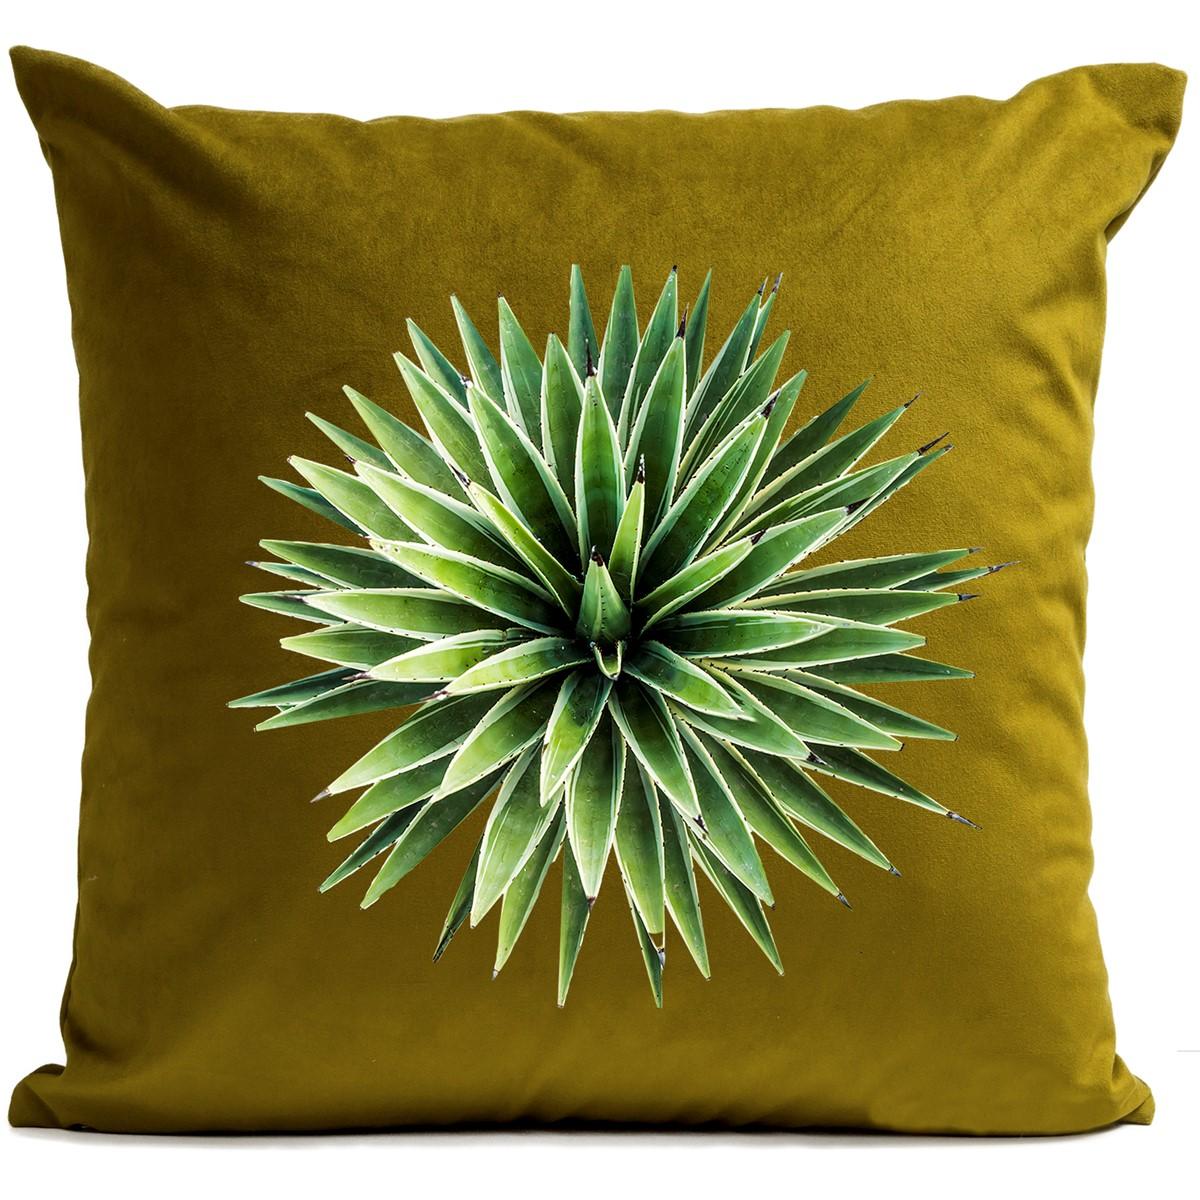 Coussin velours carré imprimé floraux vert olive 40x40